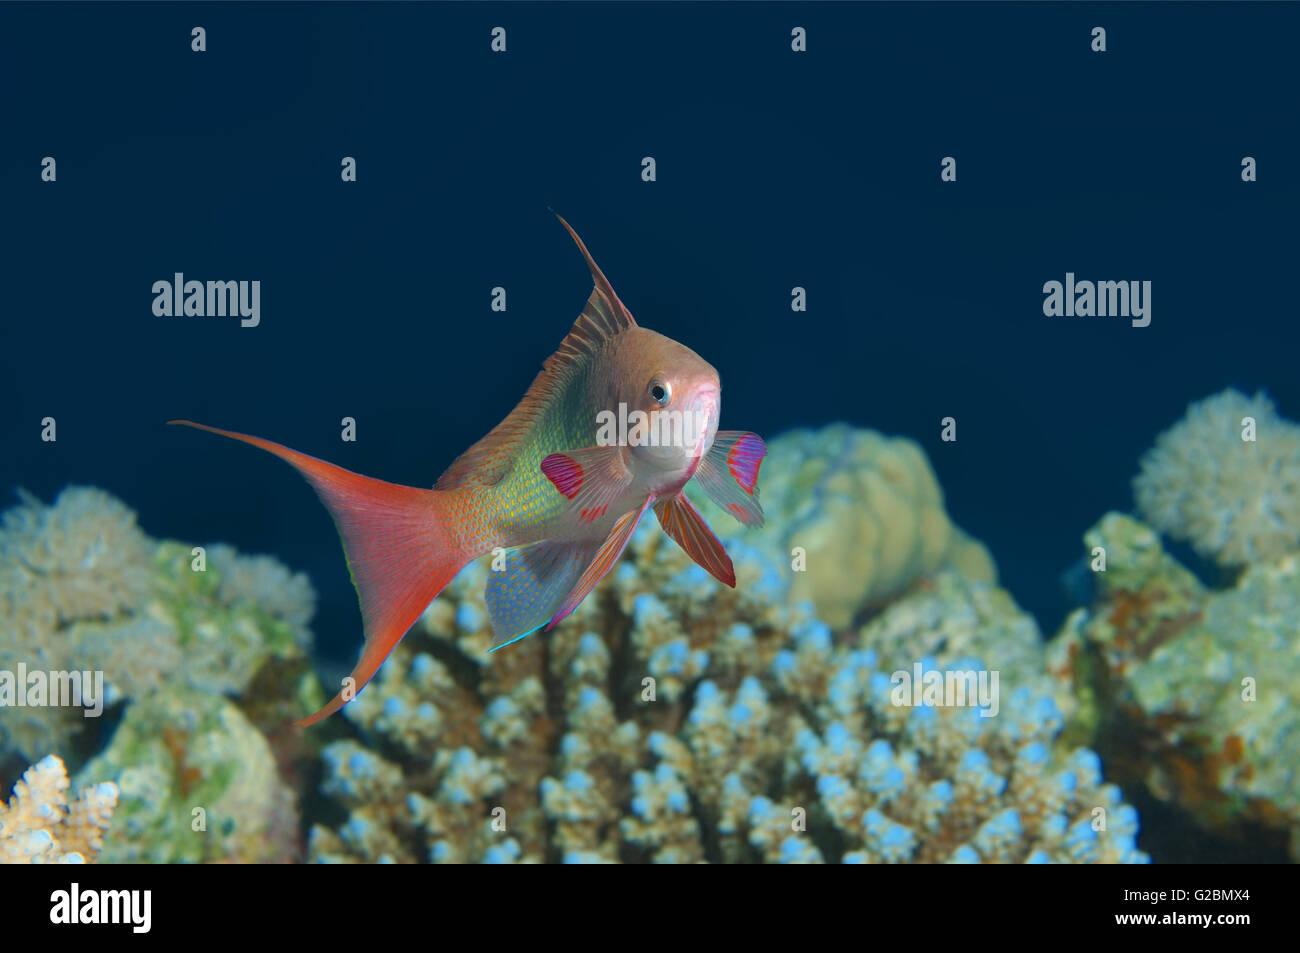 Sea goldie,  Lyretail coralfish,  Lyretail anthias, Orange butterfly perch, Orange basslet  (Pseudanthias squamipinnis) - Stock Image